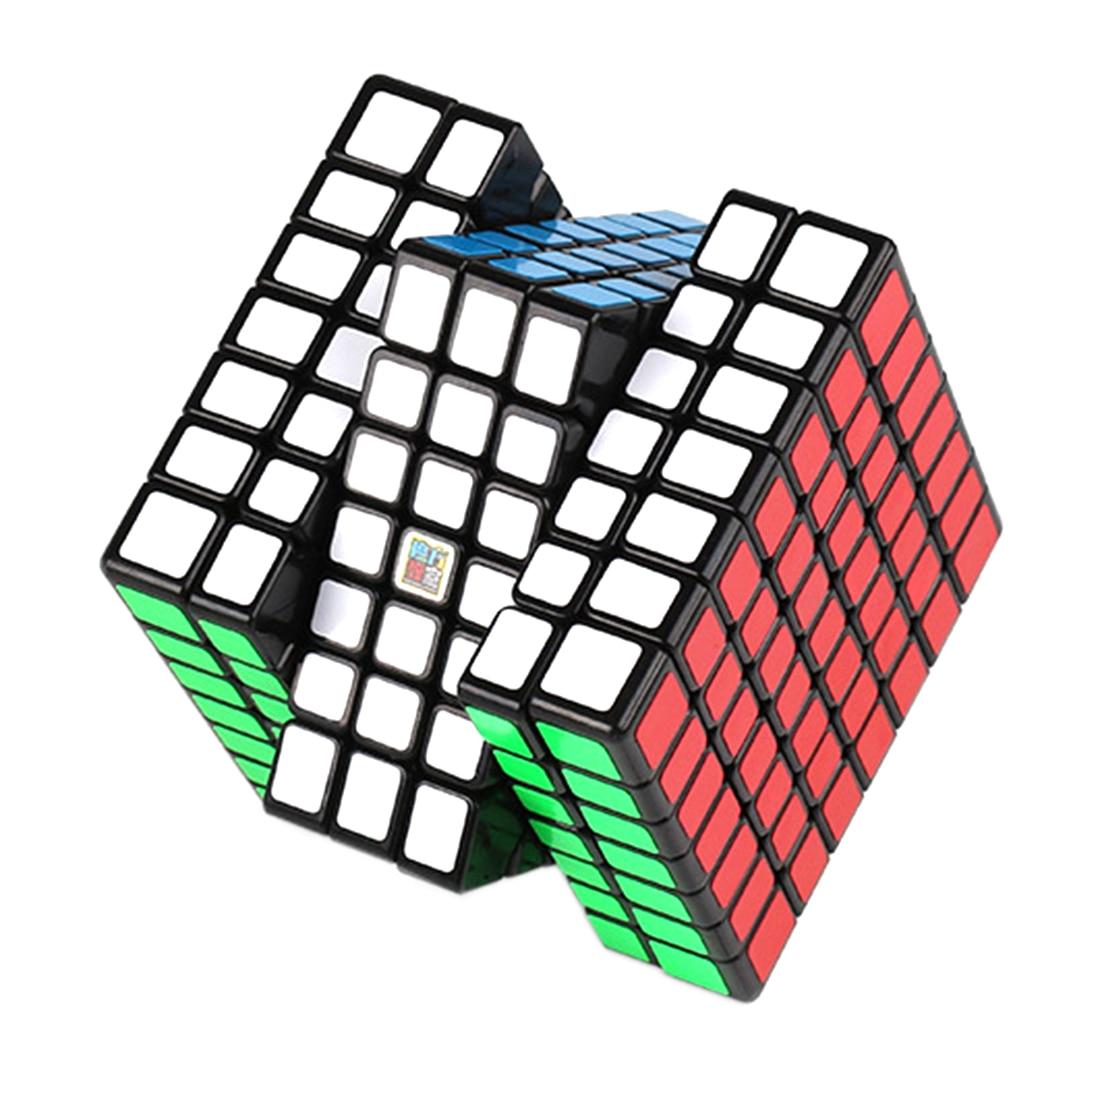 Mofangjiaoshi MFJS Paquet Ensemble Cadeau Cube Cubage Classe 2-7 Étapes Magie Cube Ensemble avec Emballage Boîte-Cadeau pour cerveau Jouets - 6